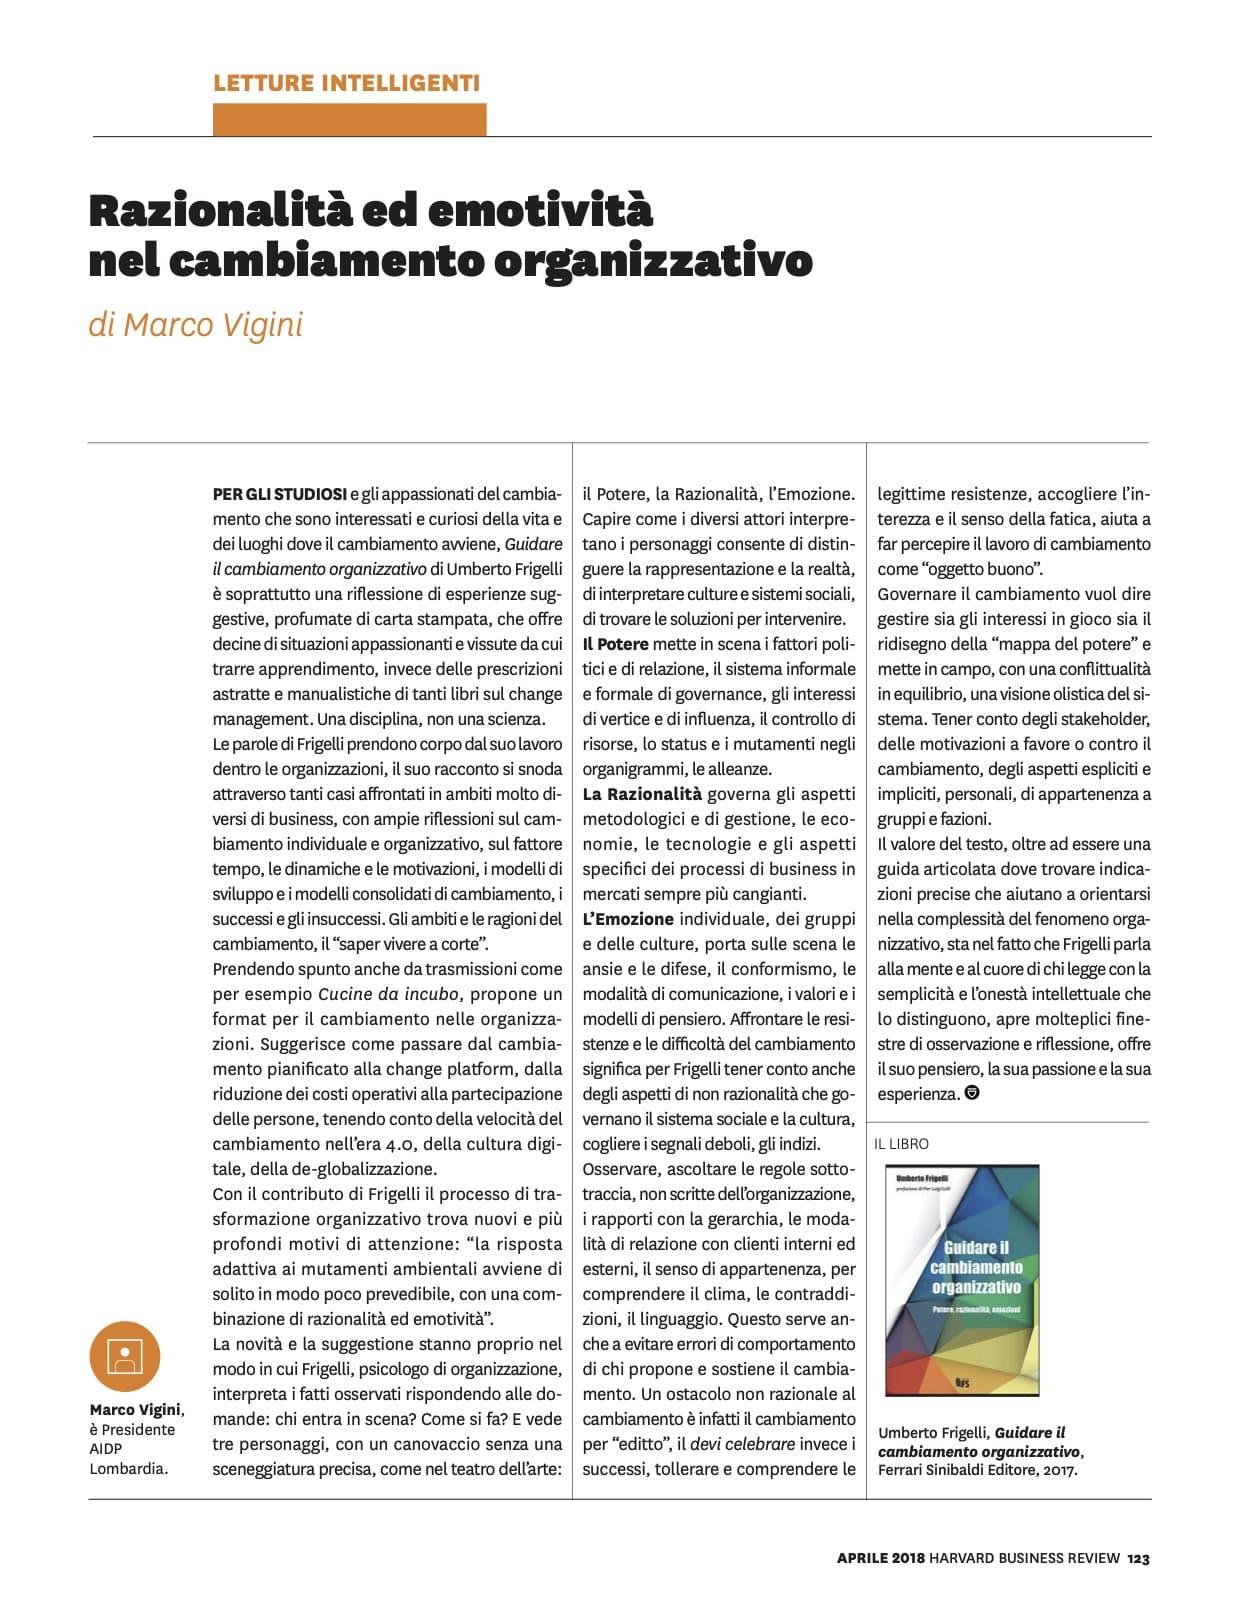 Razionalità ed emotività nel cambiamento organizzativo